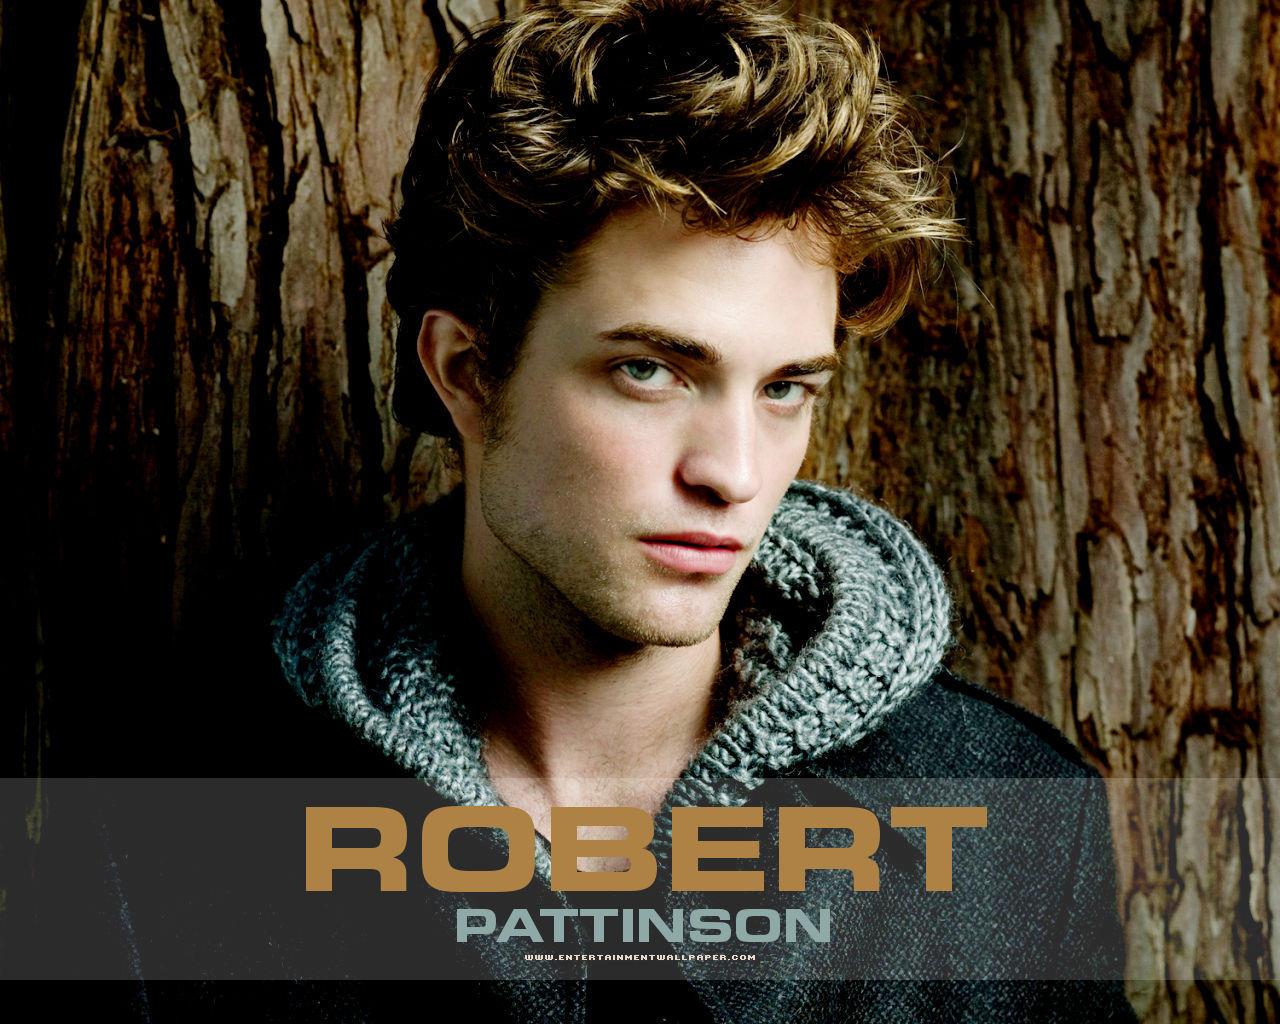 http://3.bp.blogspot.com/-z-51CWJWOjQ/T1hSLygtvBI/AAAAAAAABMs/iobejOYuPTE/s1600/Robert-Pattinson-04.jpg